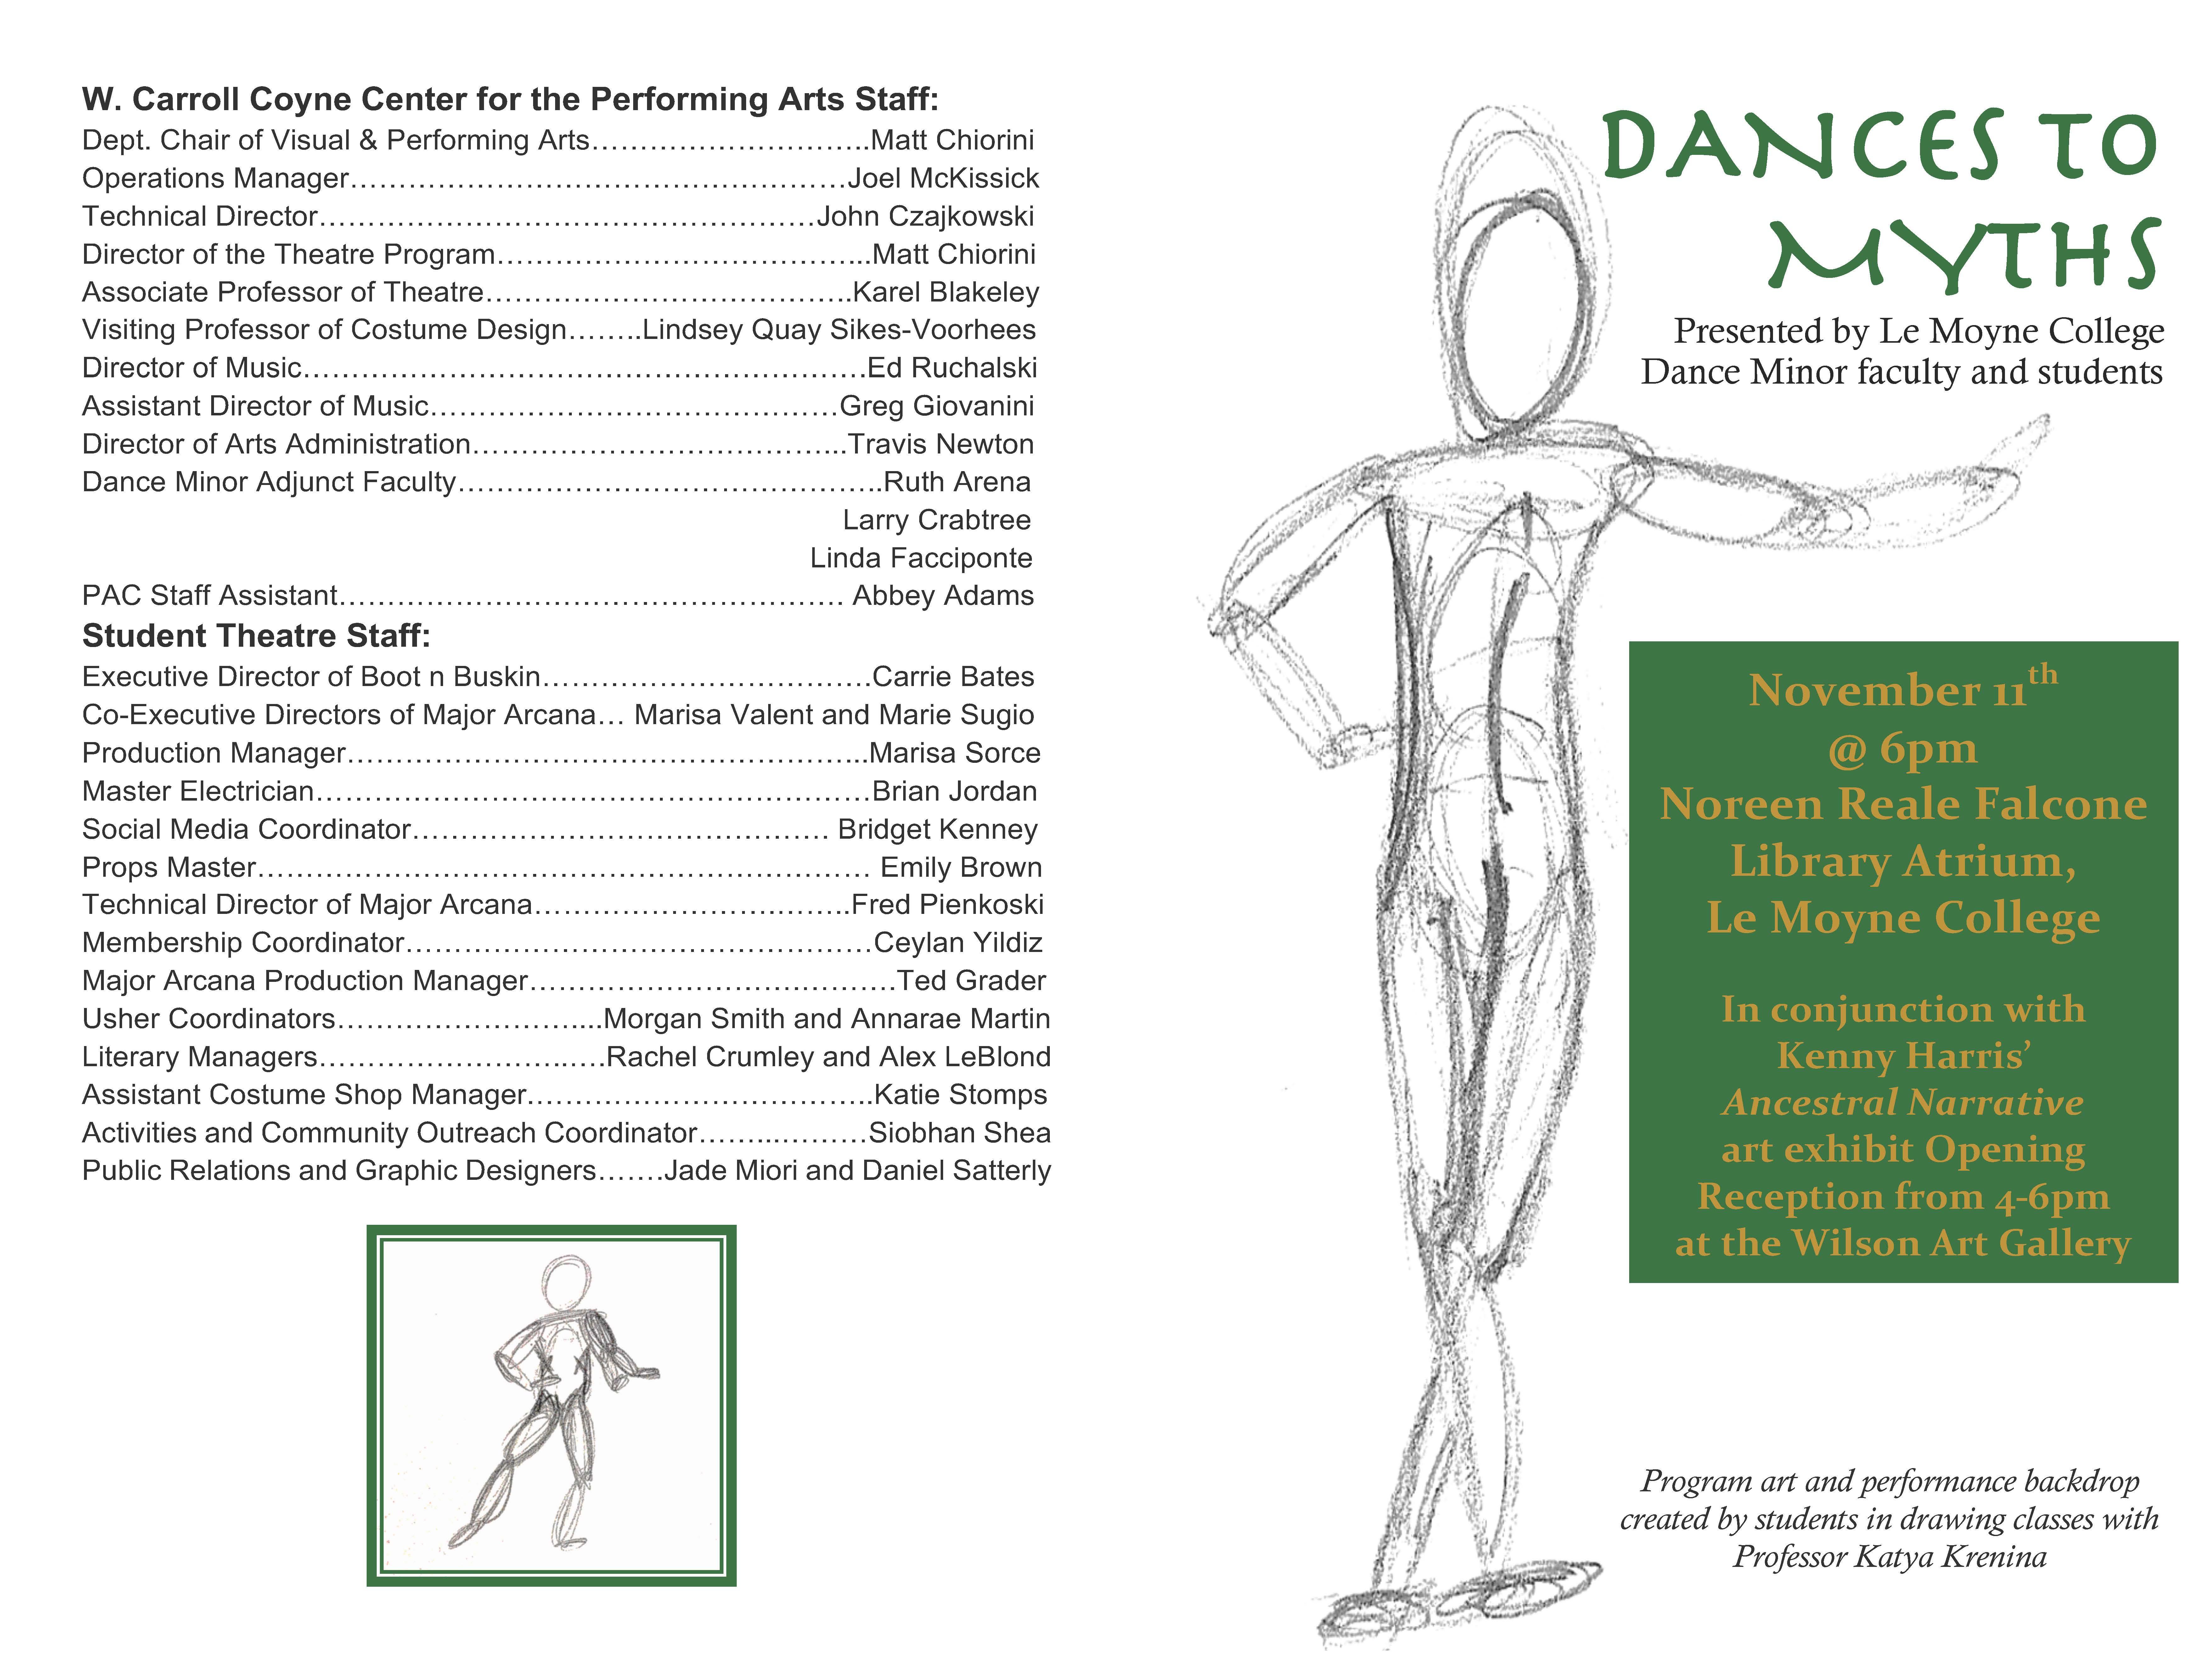 Dances to Myths (program note p.1)